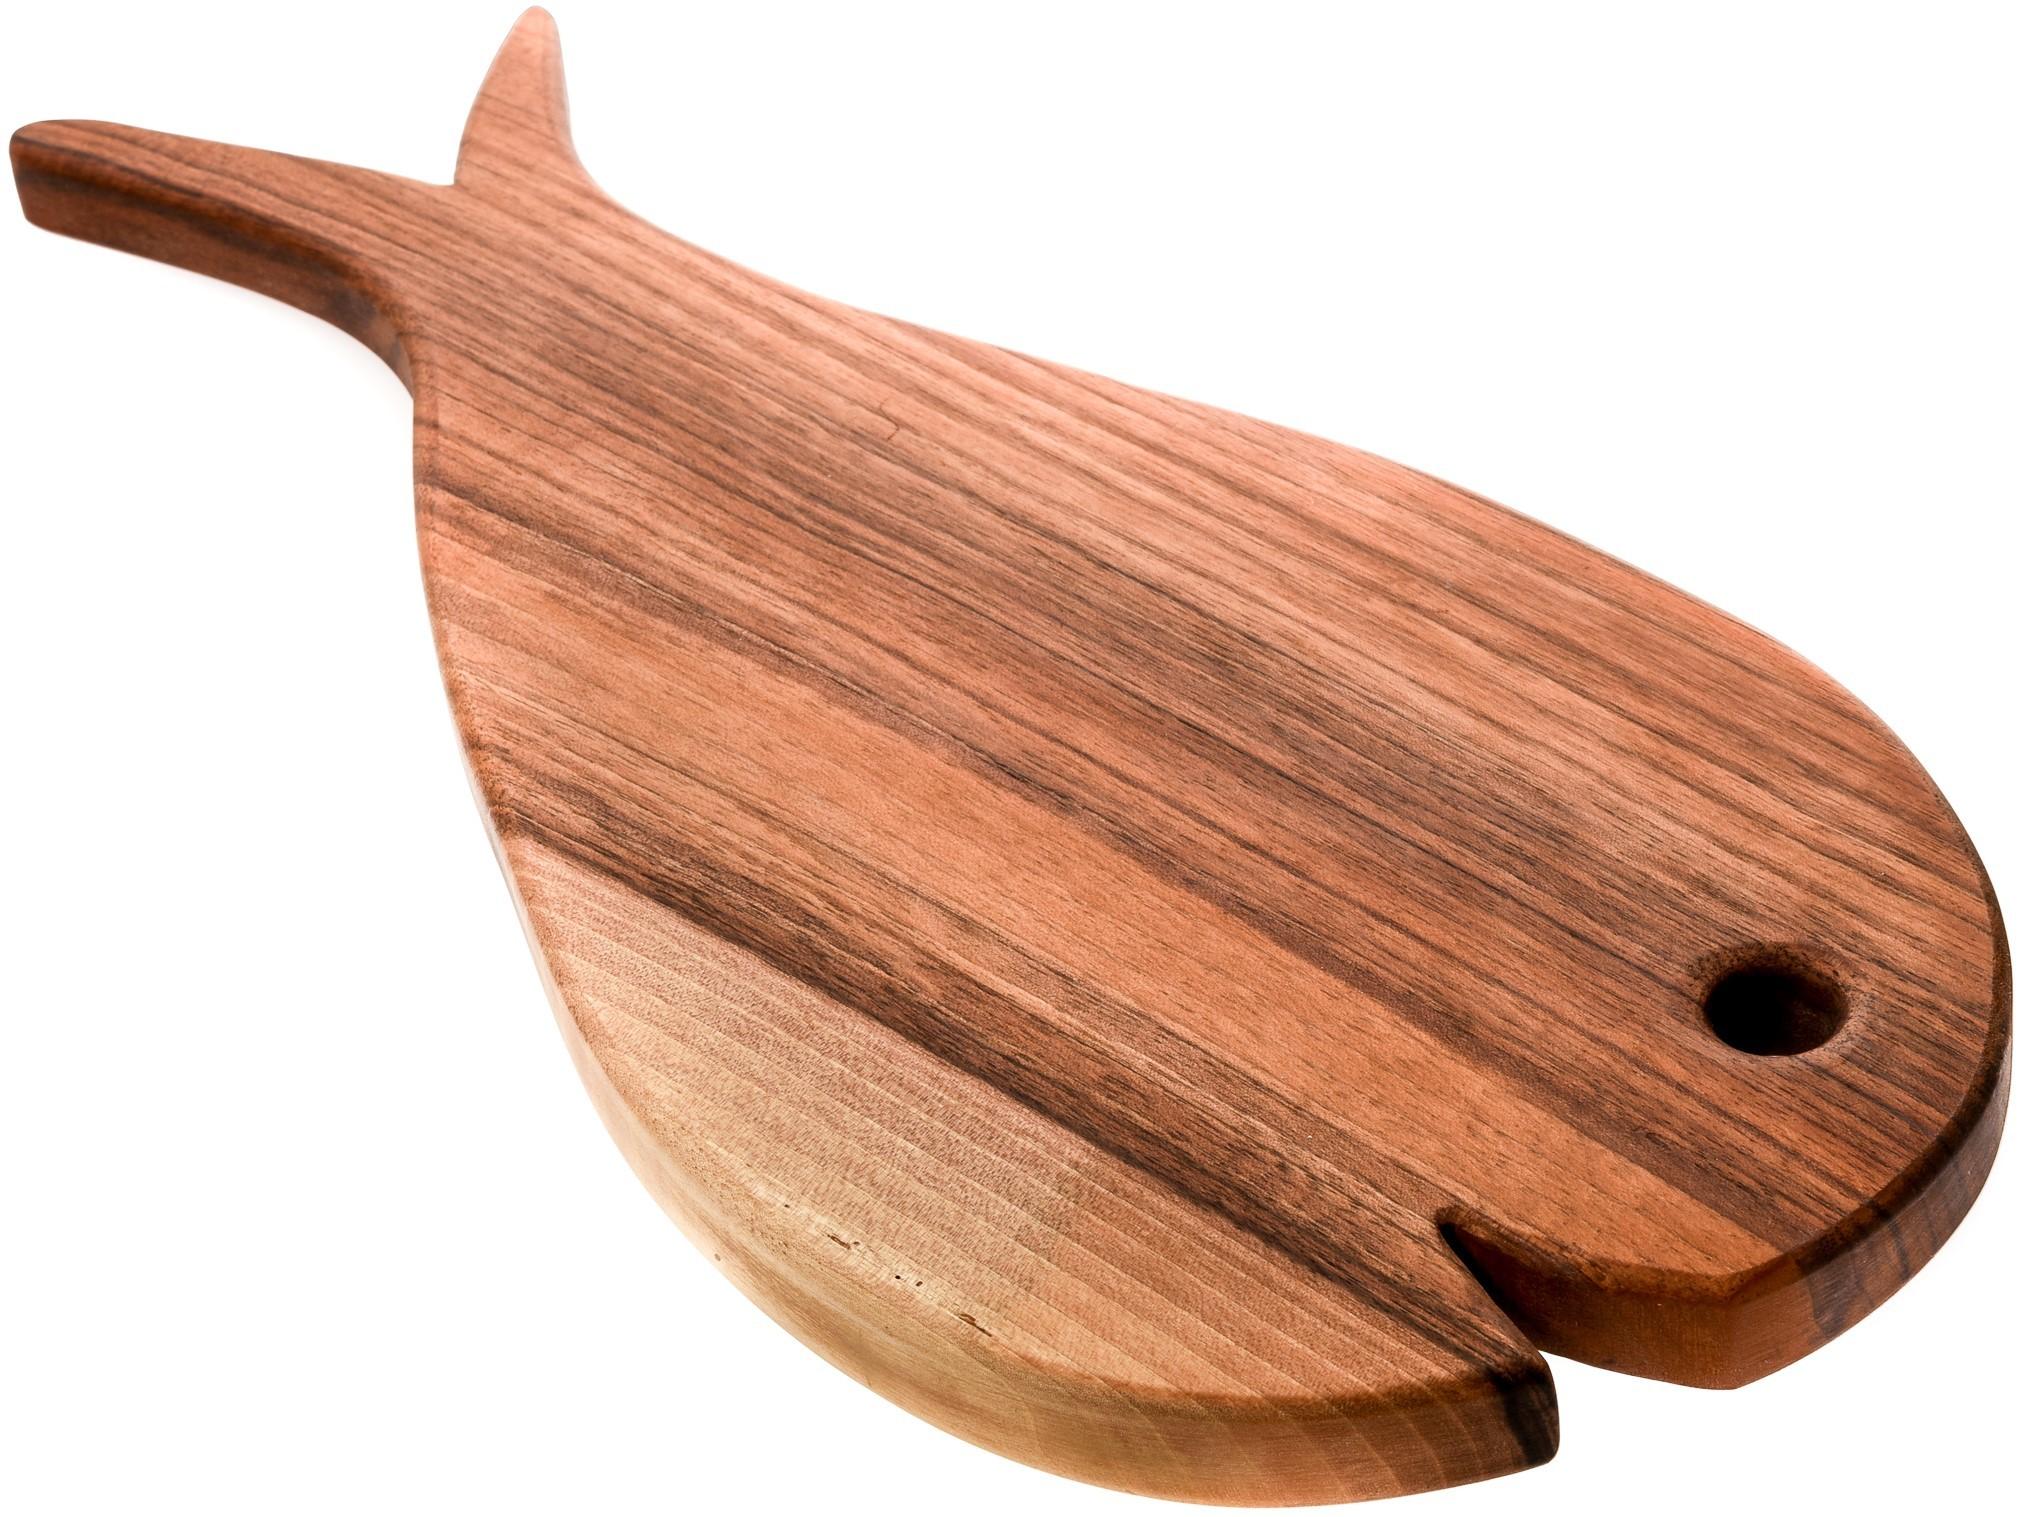 Lesena deska PORTOROŽ (riba - velika)